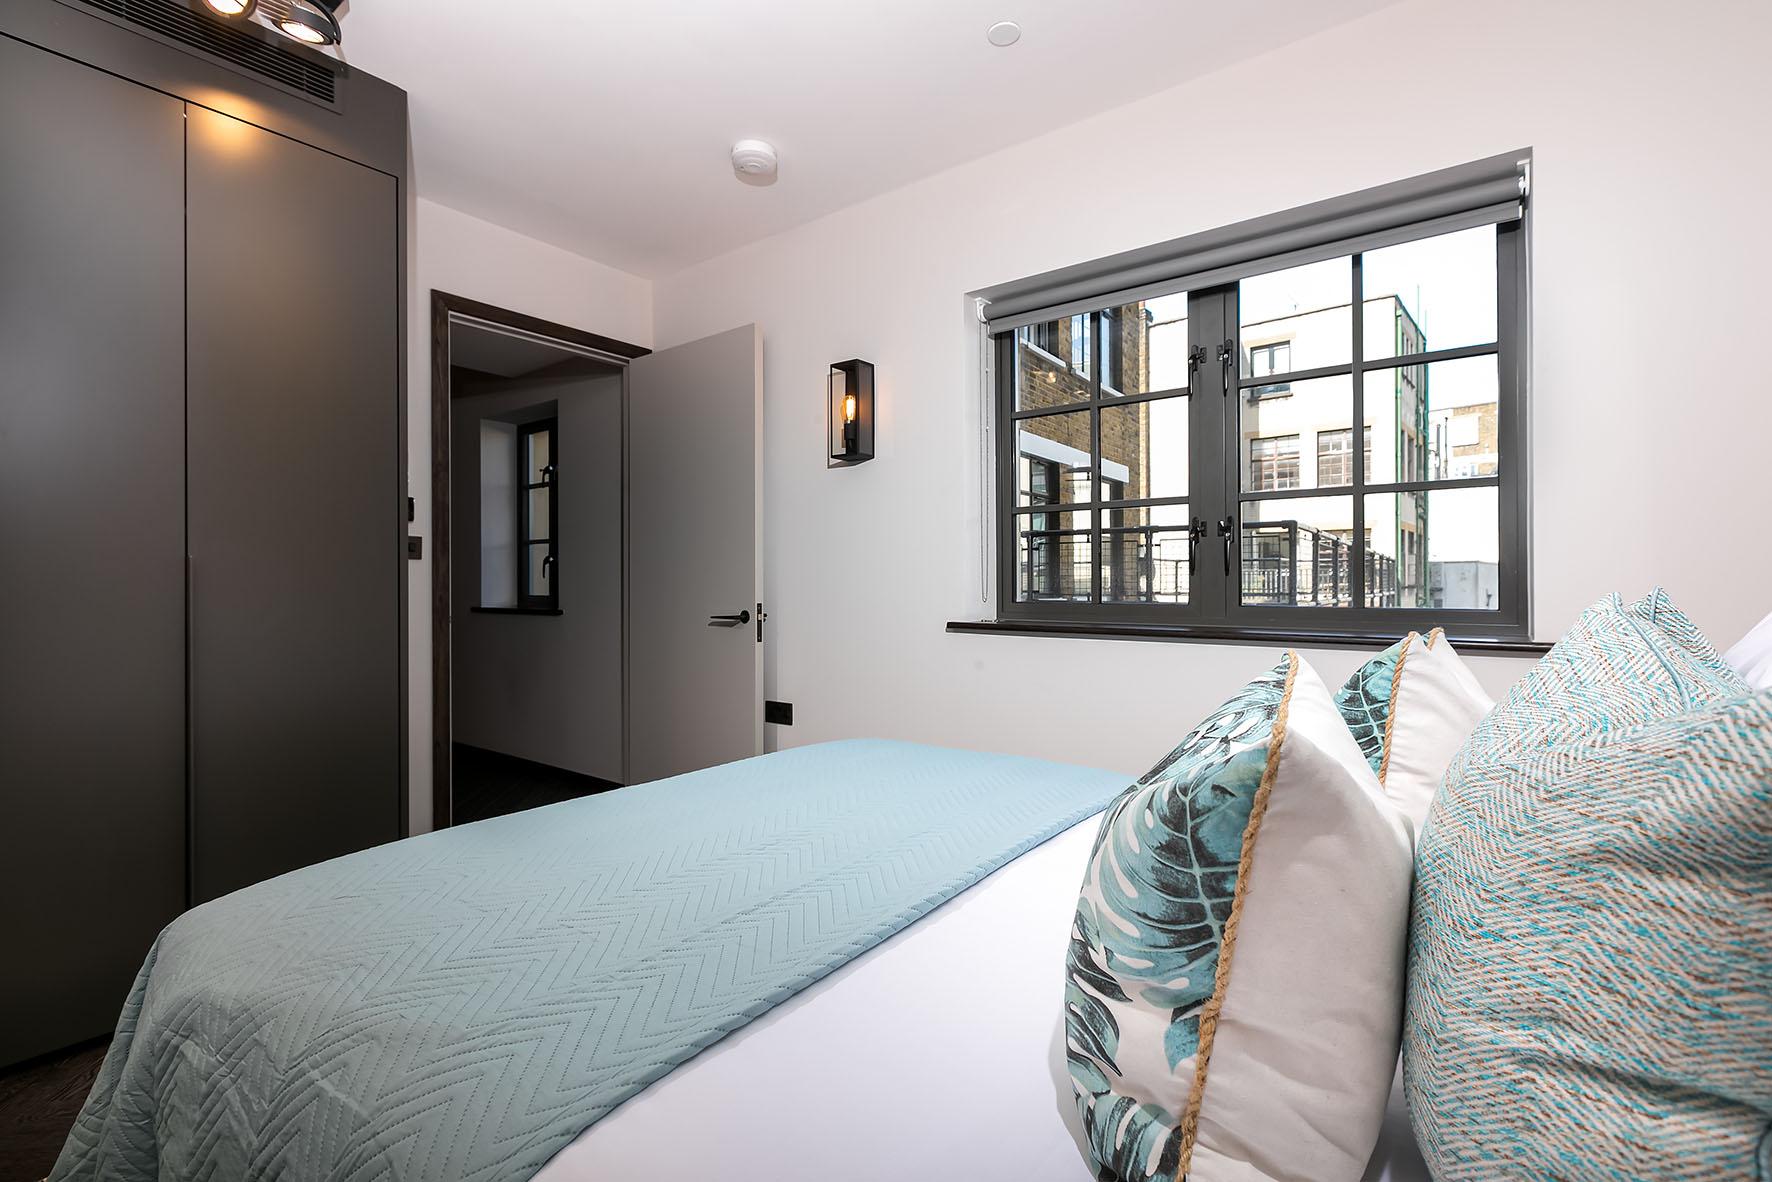 Lovelydays luxury service apartment rental - London - Soho - Oxford Street V - Lovelysuite - 1 bedrooms - 1 bathrooms - Queen bed - 36afb15784ab - Lovelydays